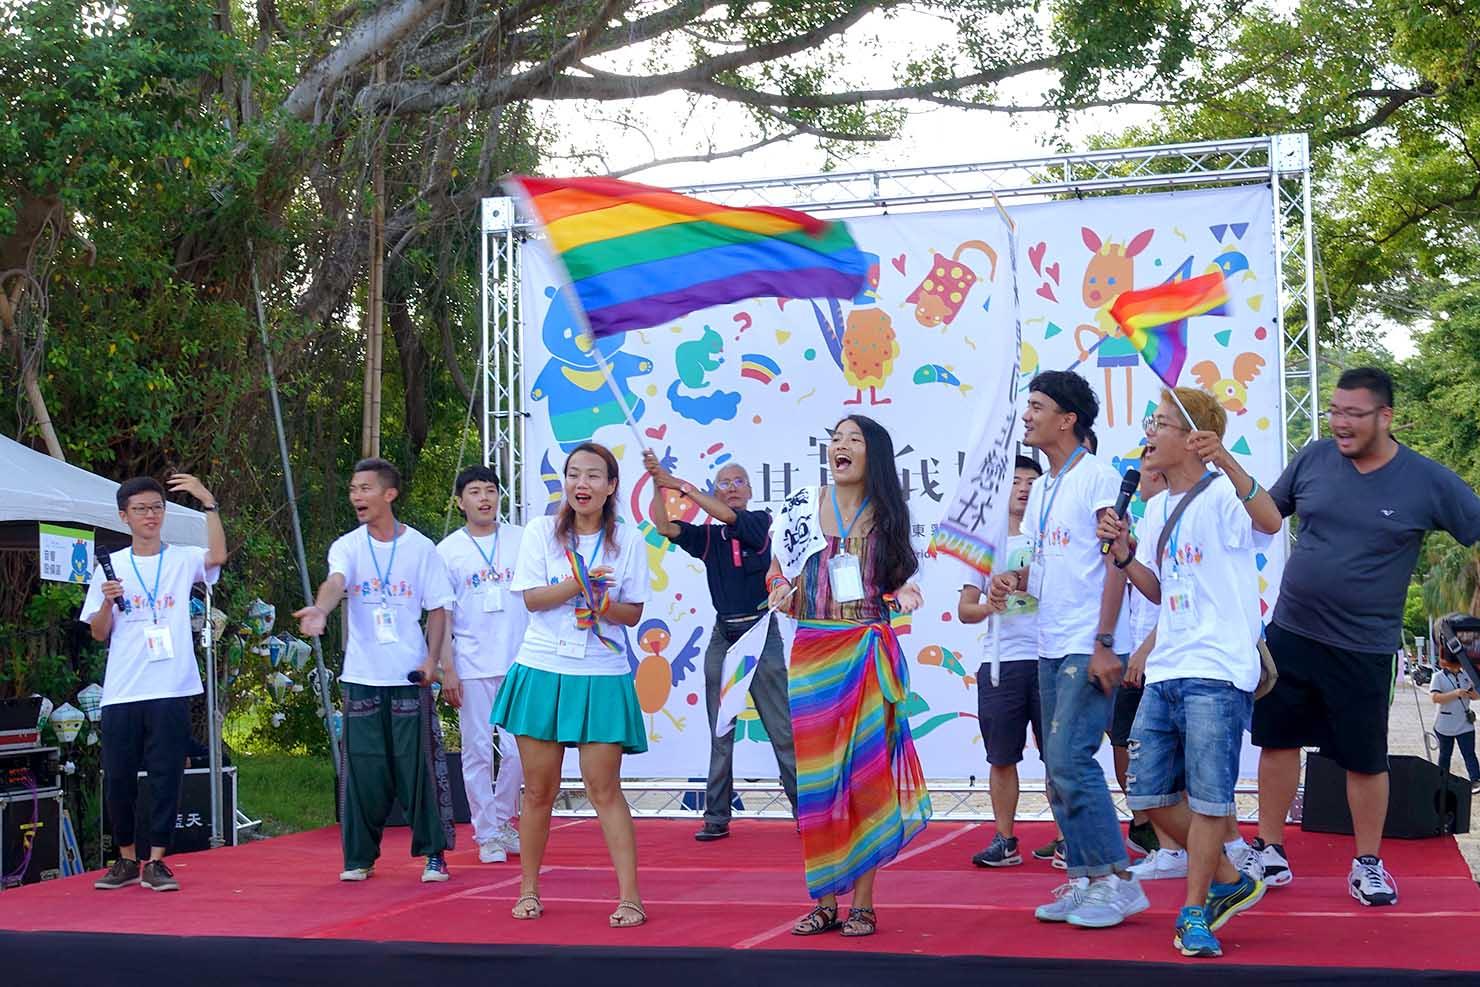 台湾東部のLGBTプライド「花東彩虹嘉年華」パレード後のステージで始まる合唱